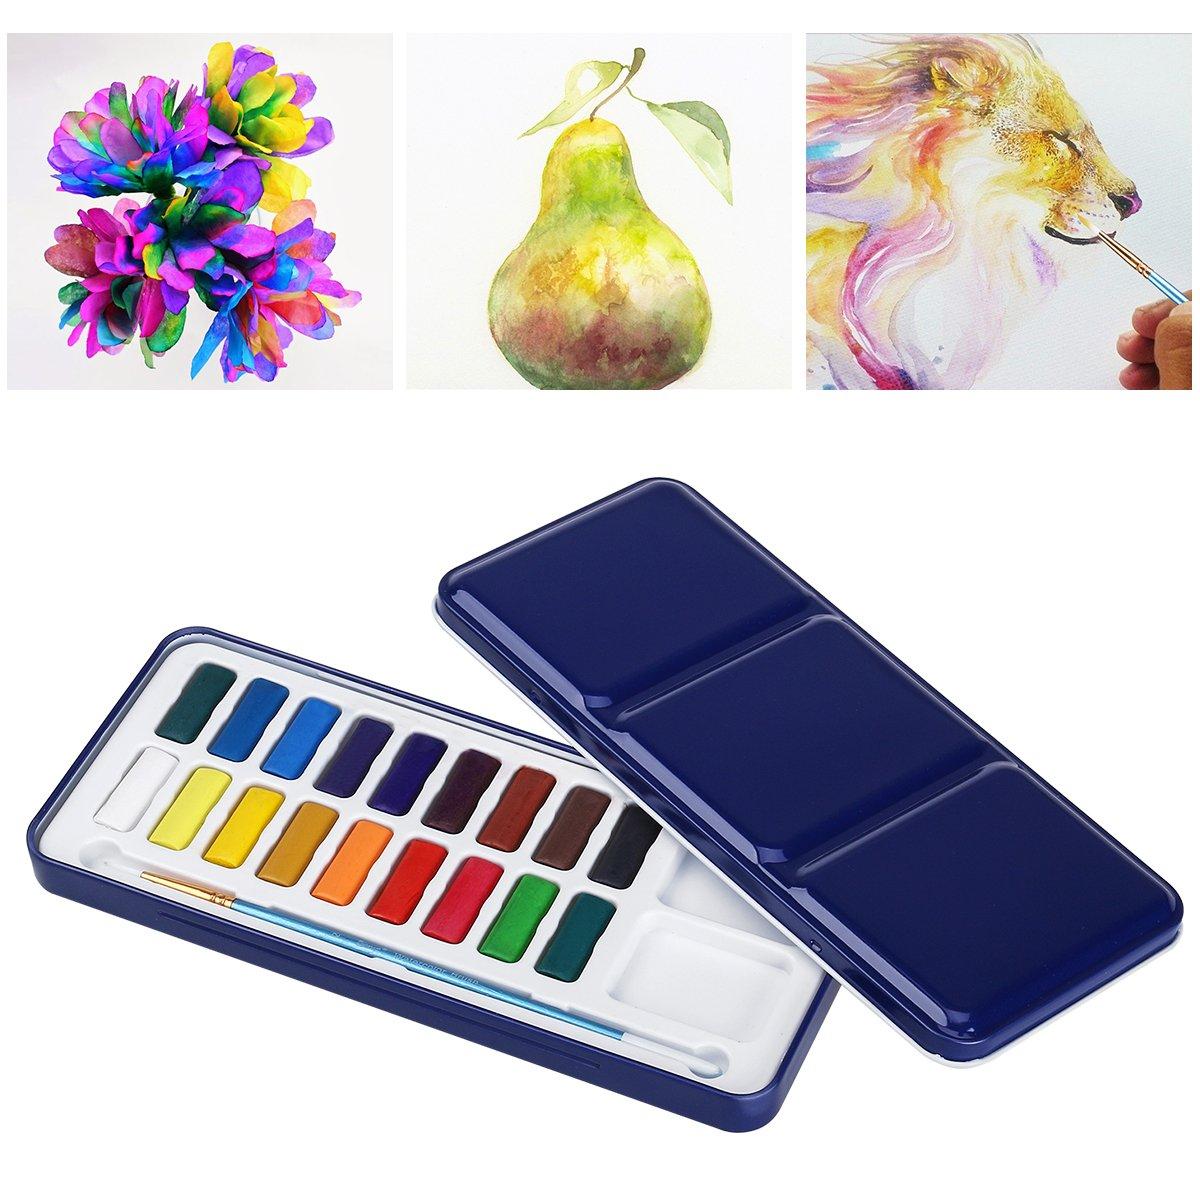 Ultnice - Set di colori ad acquerelli con pennello, contenuti in una scatola di latta, palette 18 colori